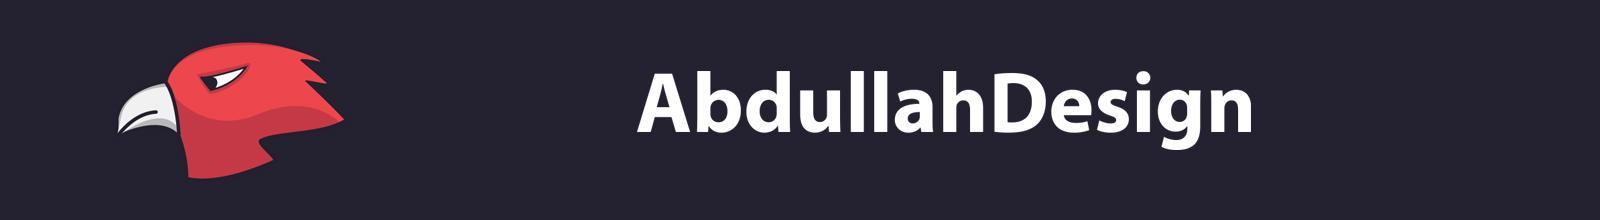 AbdullahD7